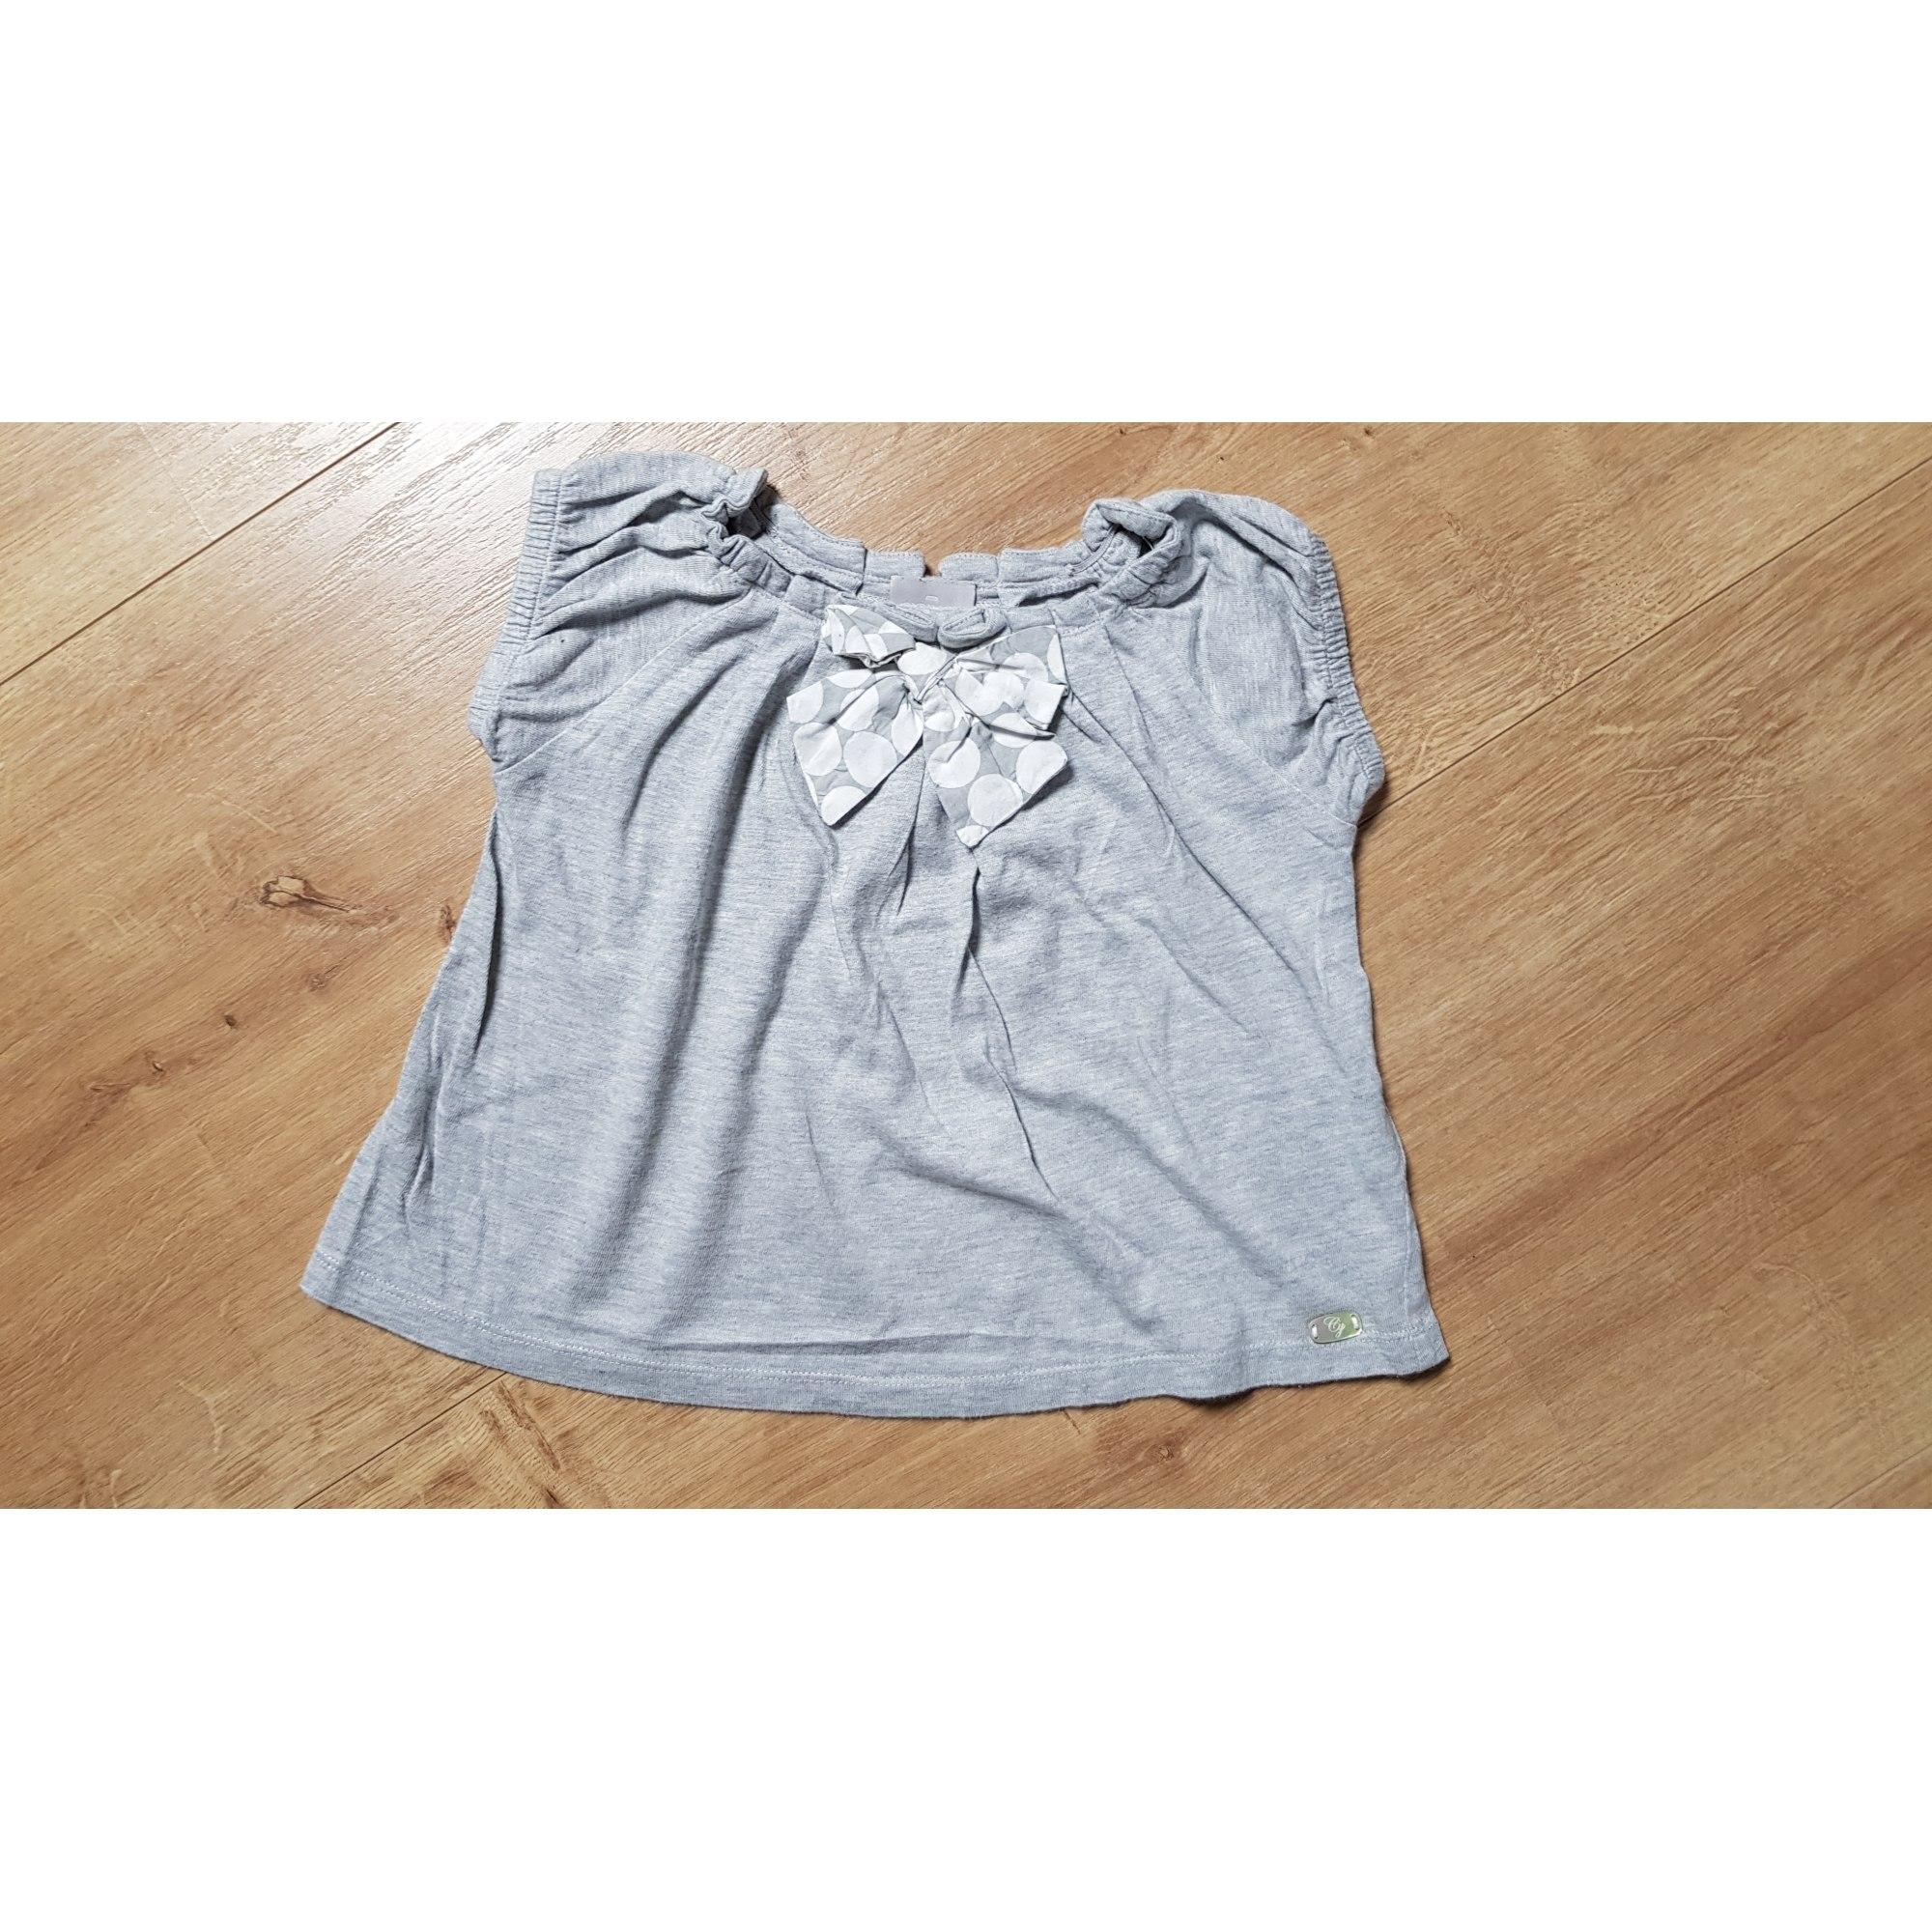 Top, Tee-shirt CYRILLUS Gris, anthracite